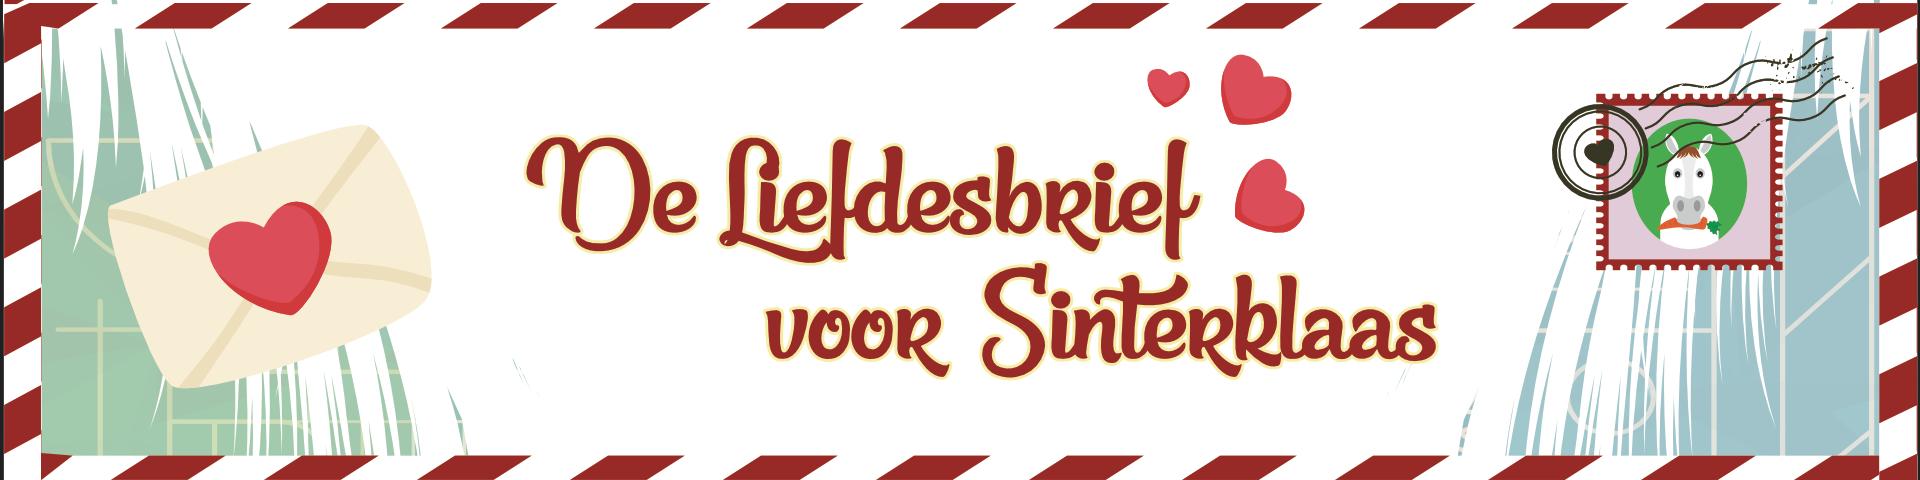 Liefdesbrief voor Sinterklaas - Waarvan Acte Theaterproducties